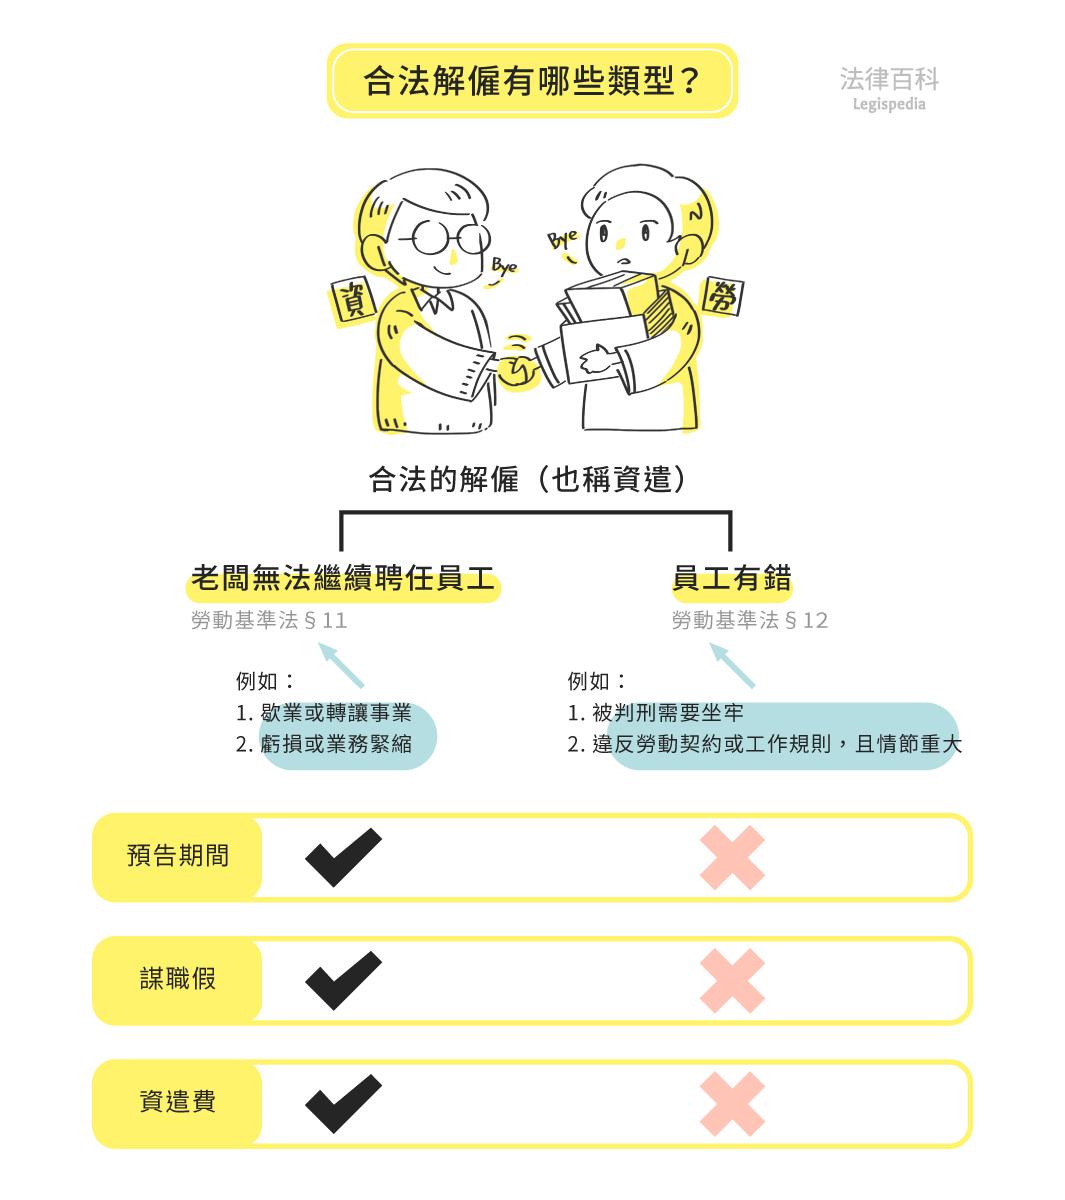 圖1 合法解僱有哪些類型?||資料來源:雷皓明、張學昌 / 繪圖:Yen